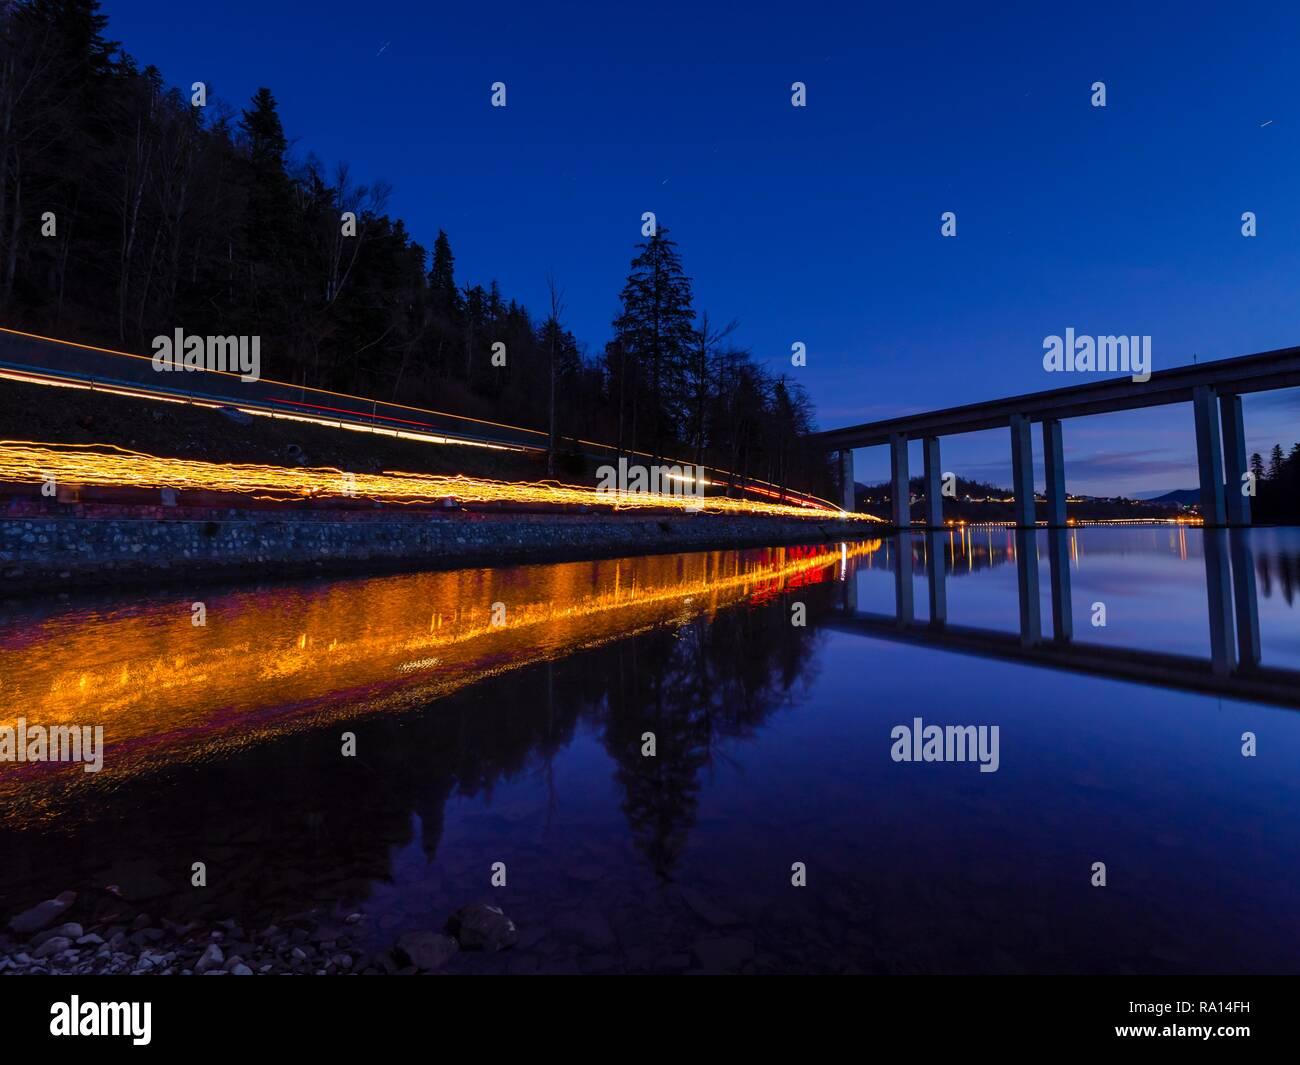 Estelas de luz columna de gente que llevaba en la mano antorchas a lo largo de lago Bajer Fuzine en Croacia Foto de stock